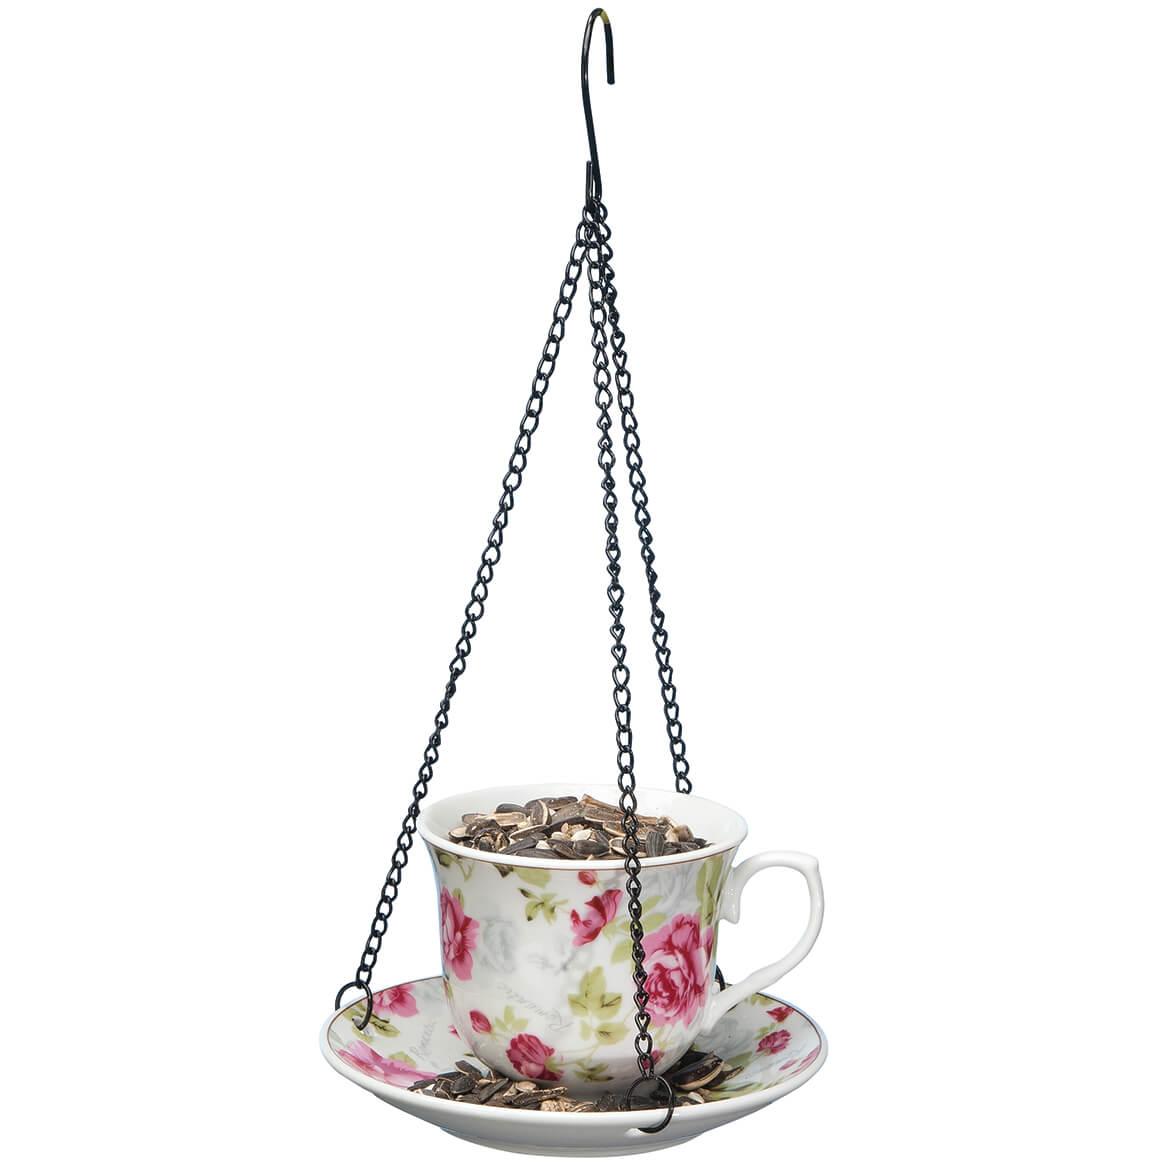 Ceramic Teacup and Saucer Bird Feeder